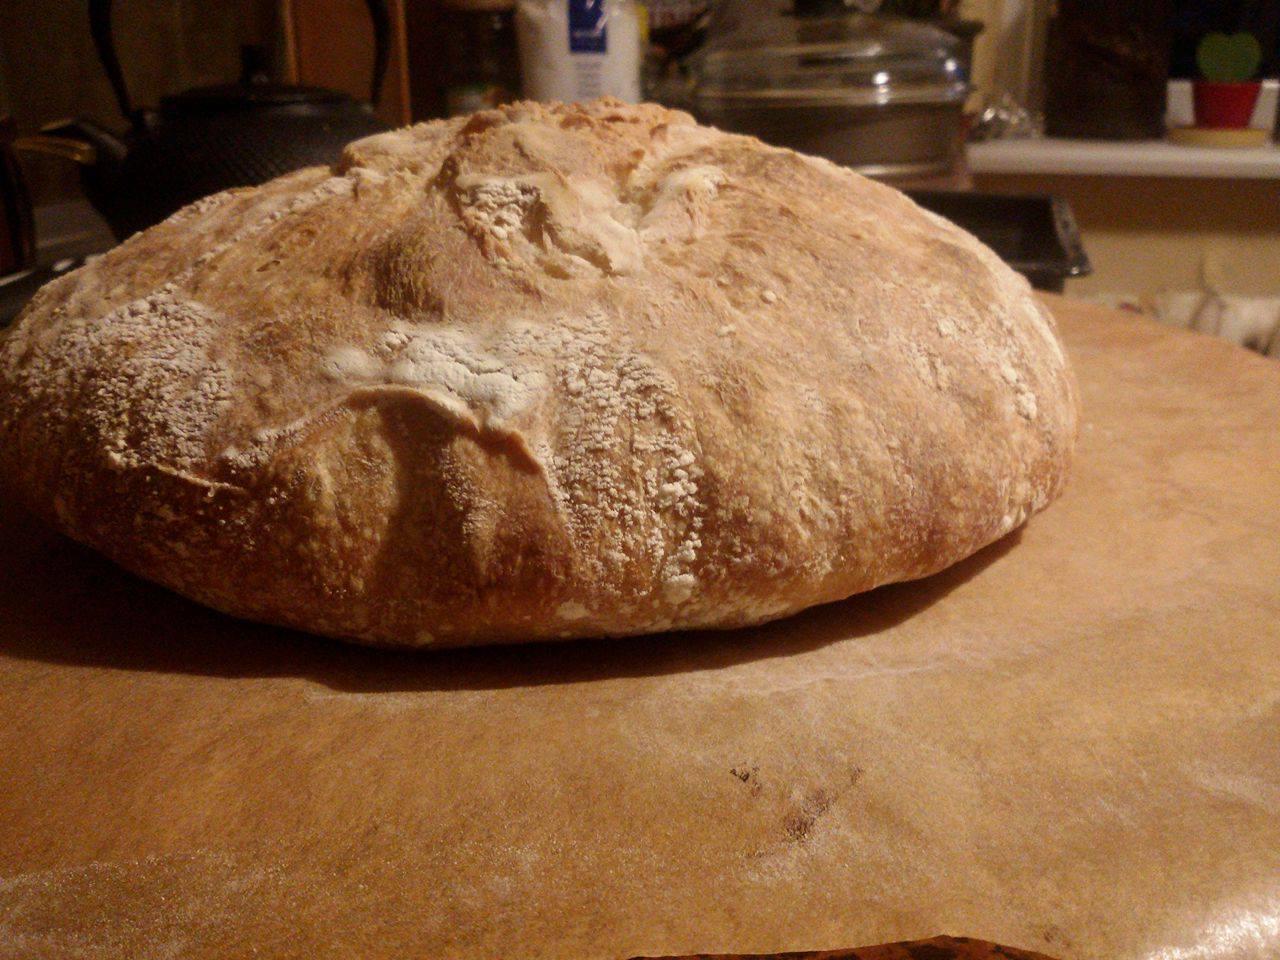 Chef John's Sourdough Bread